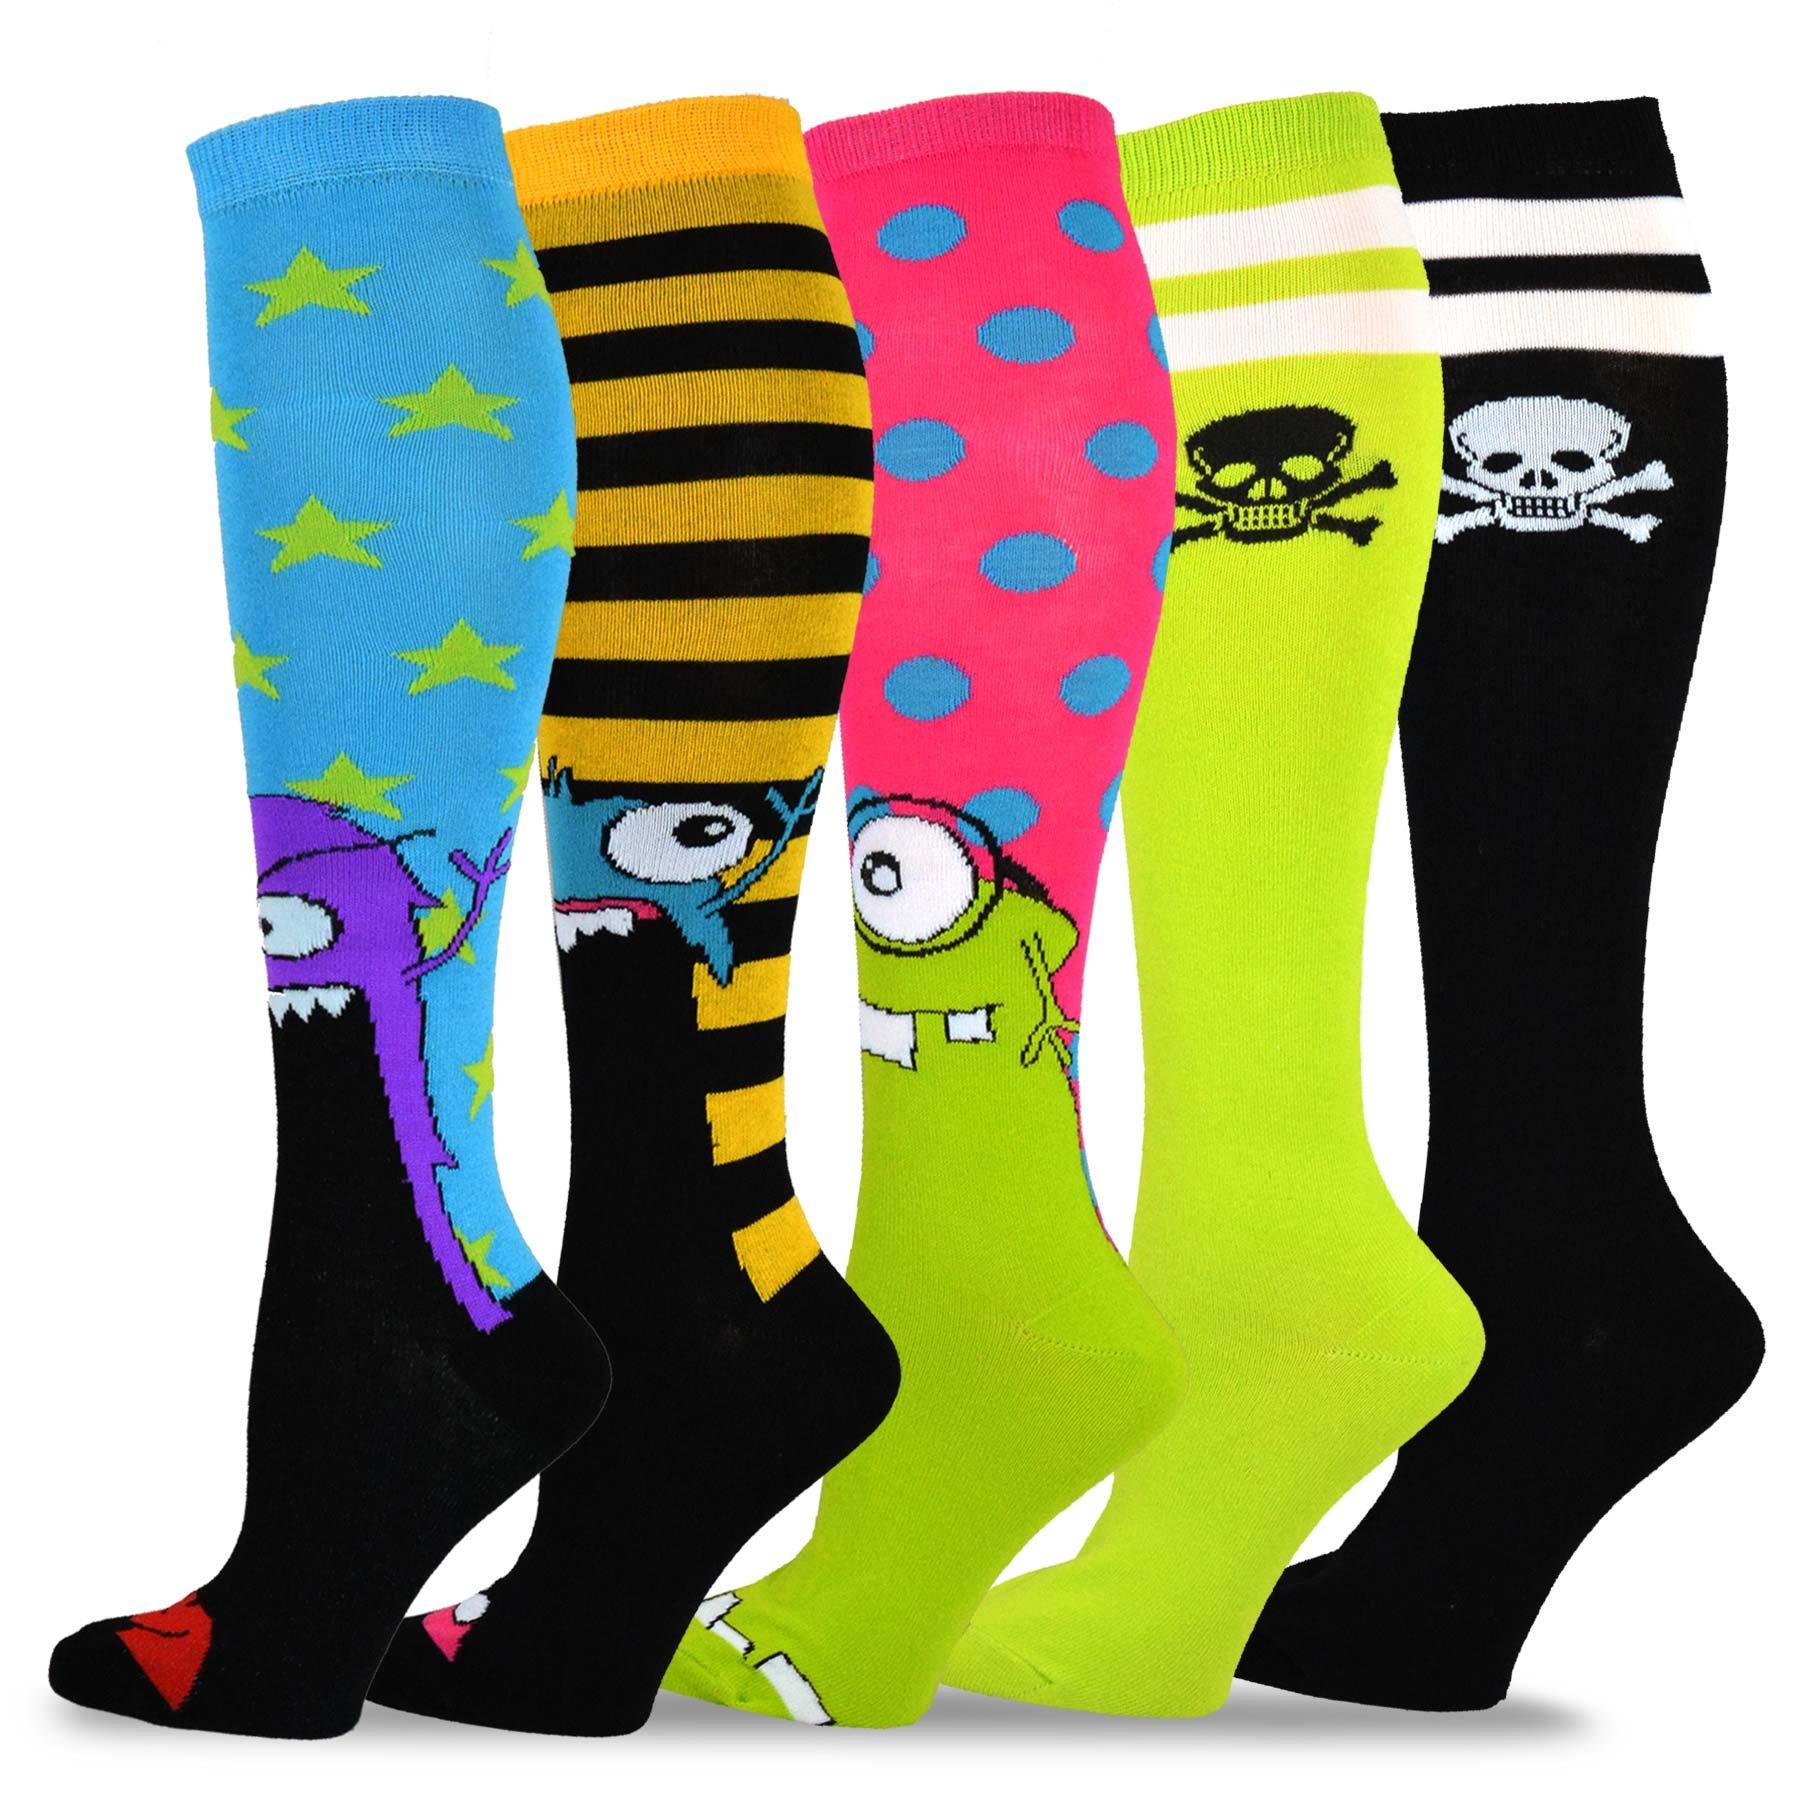 TeeHee Novelty Cotton Knee High Fun Socks 5-Pack for Women (Skull Varsity Pirate Monster)